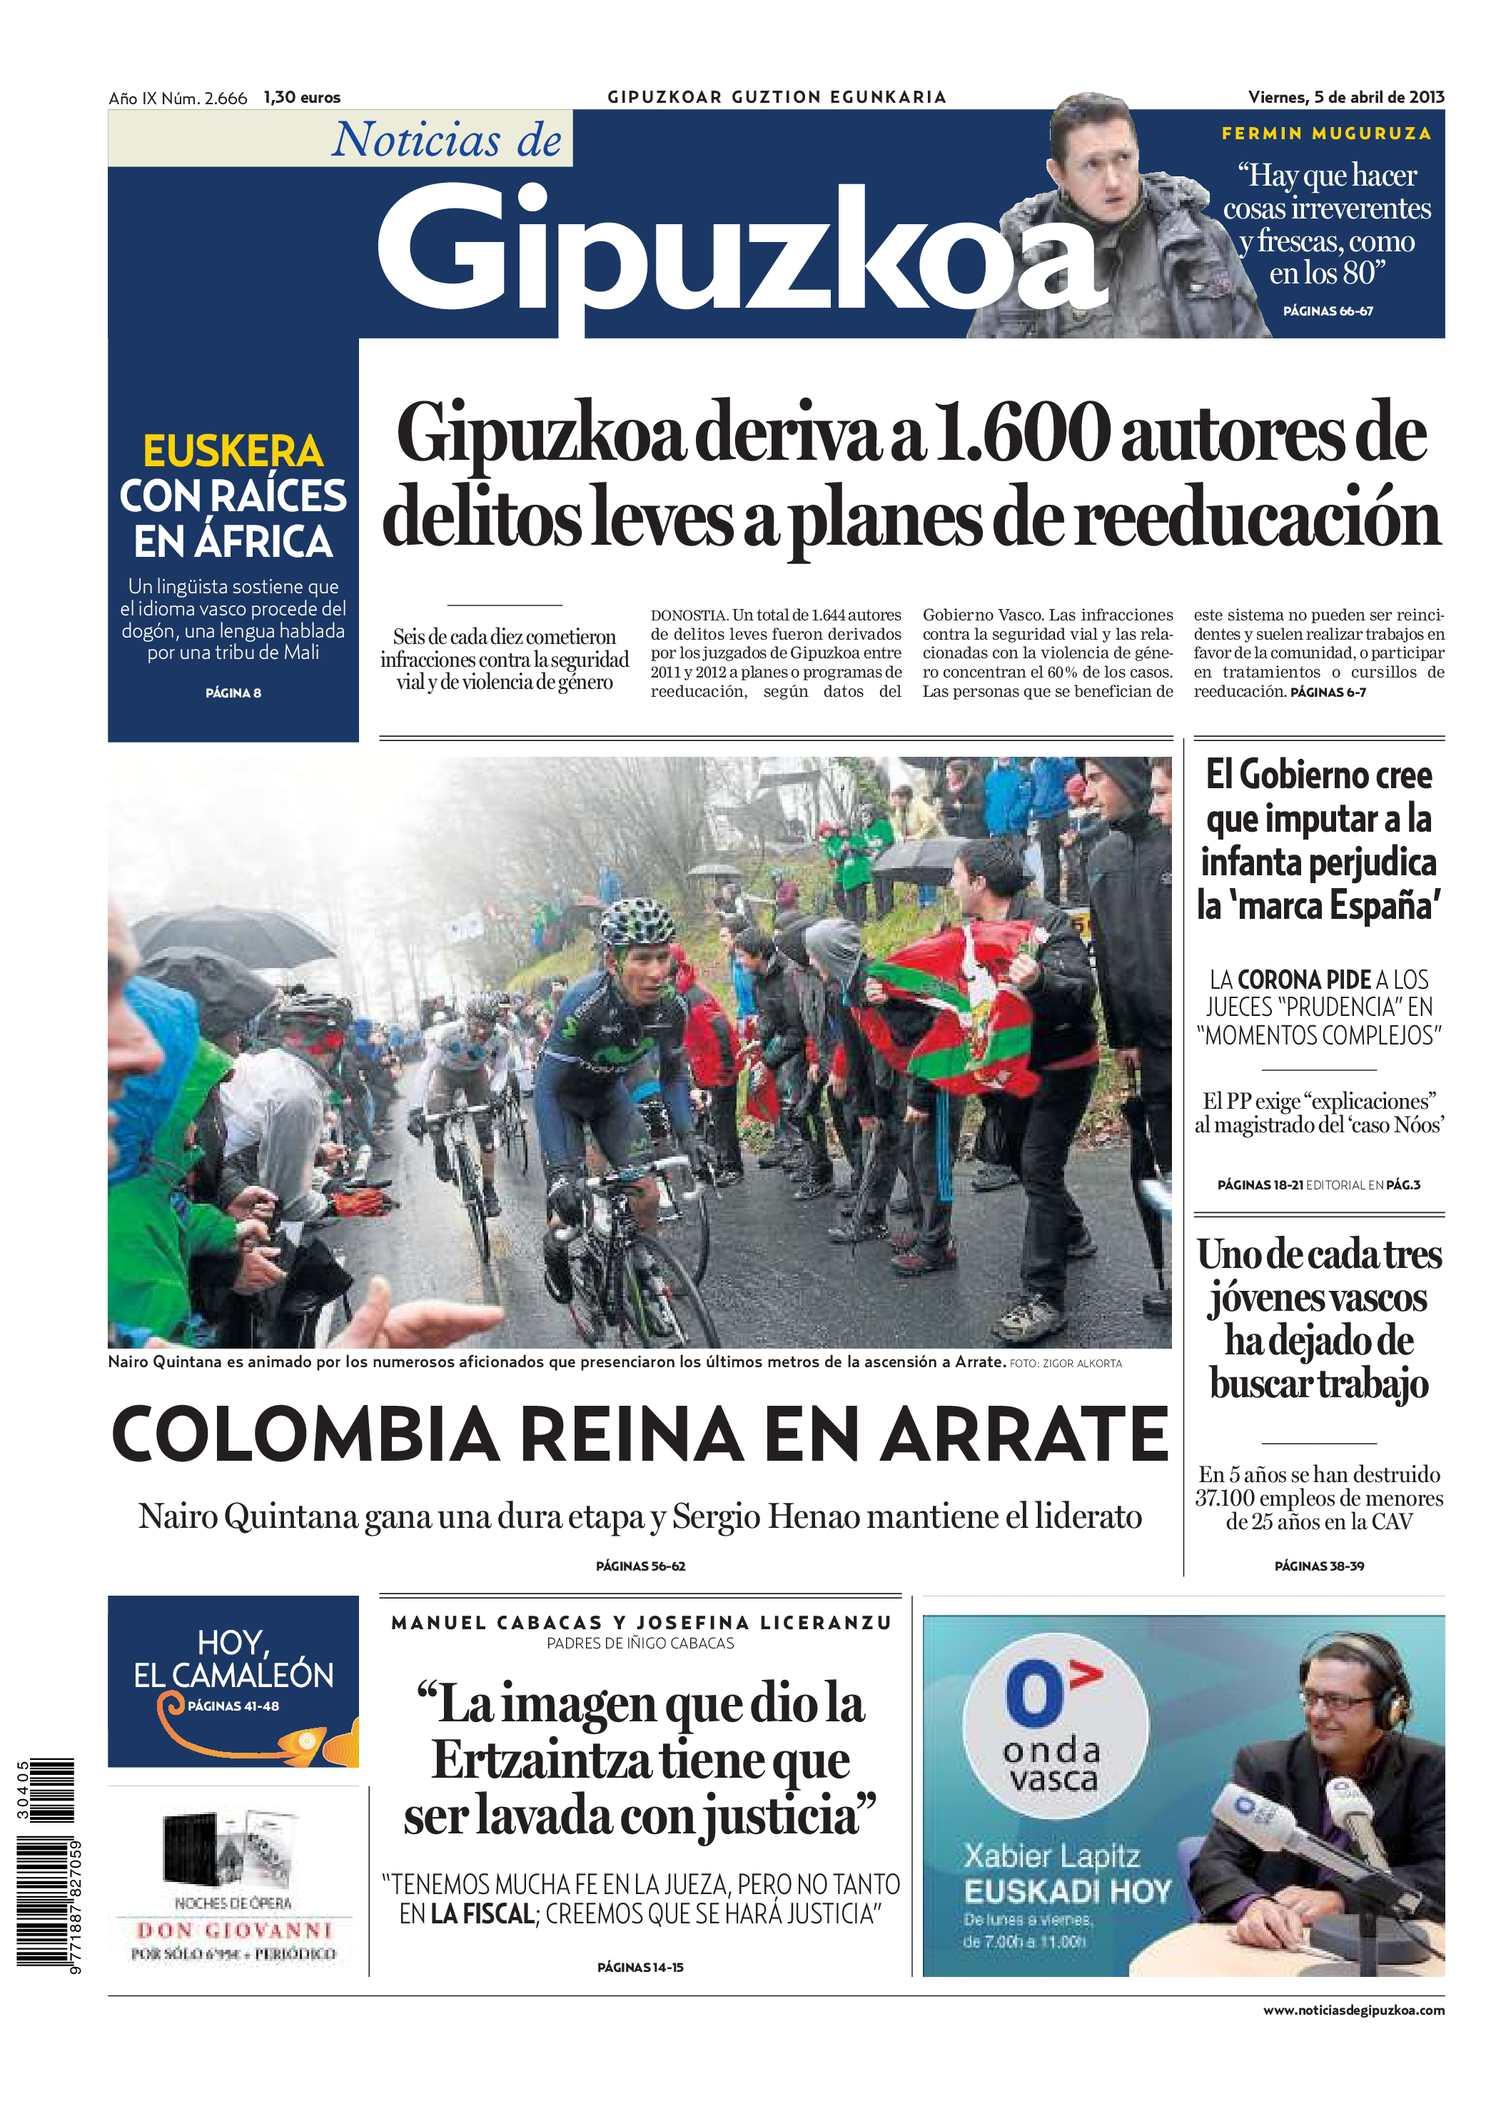 276f7bb195e8a Calaméo - Noticias de Gipuzkoa 20130405